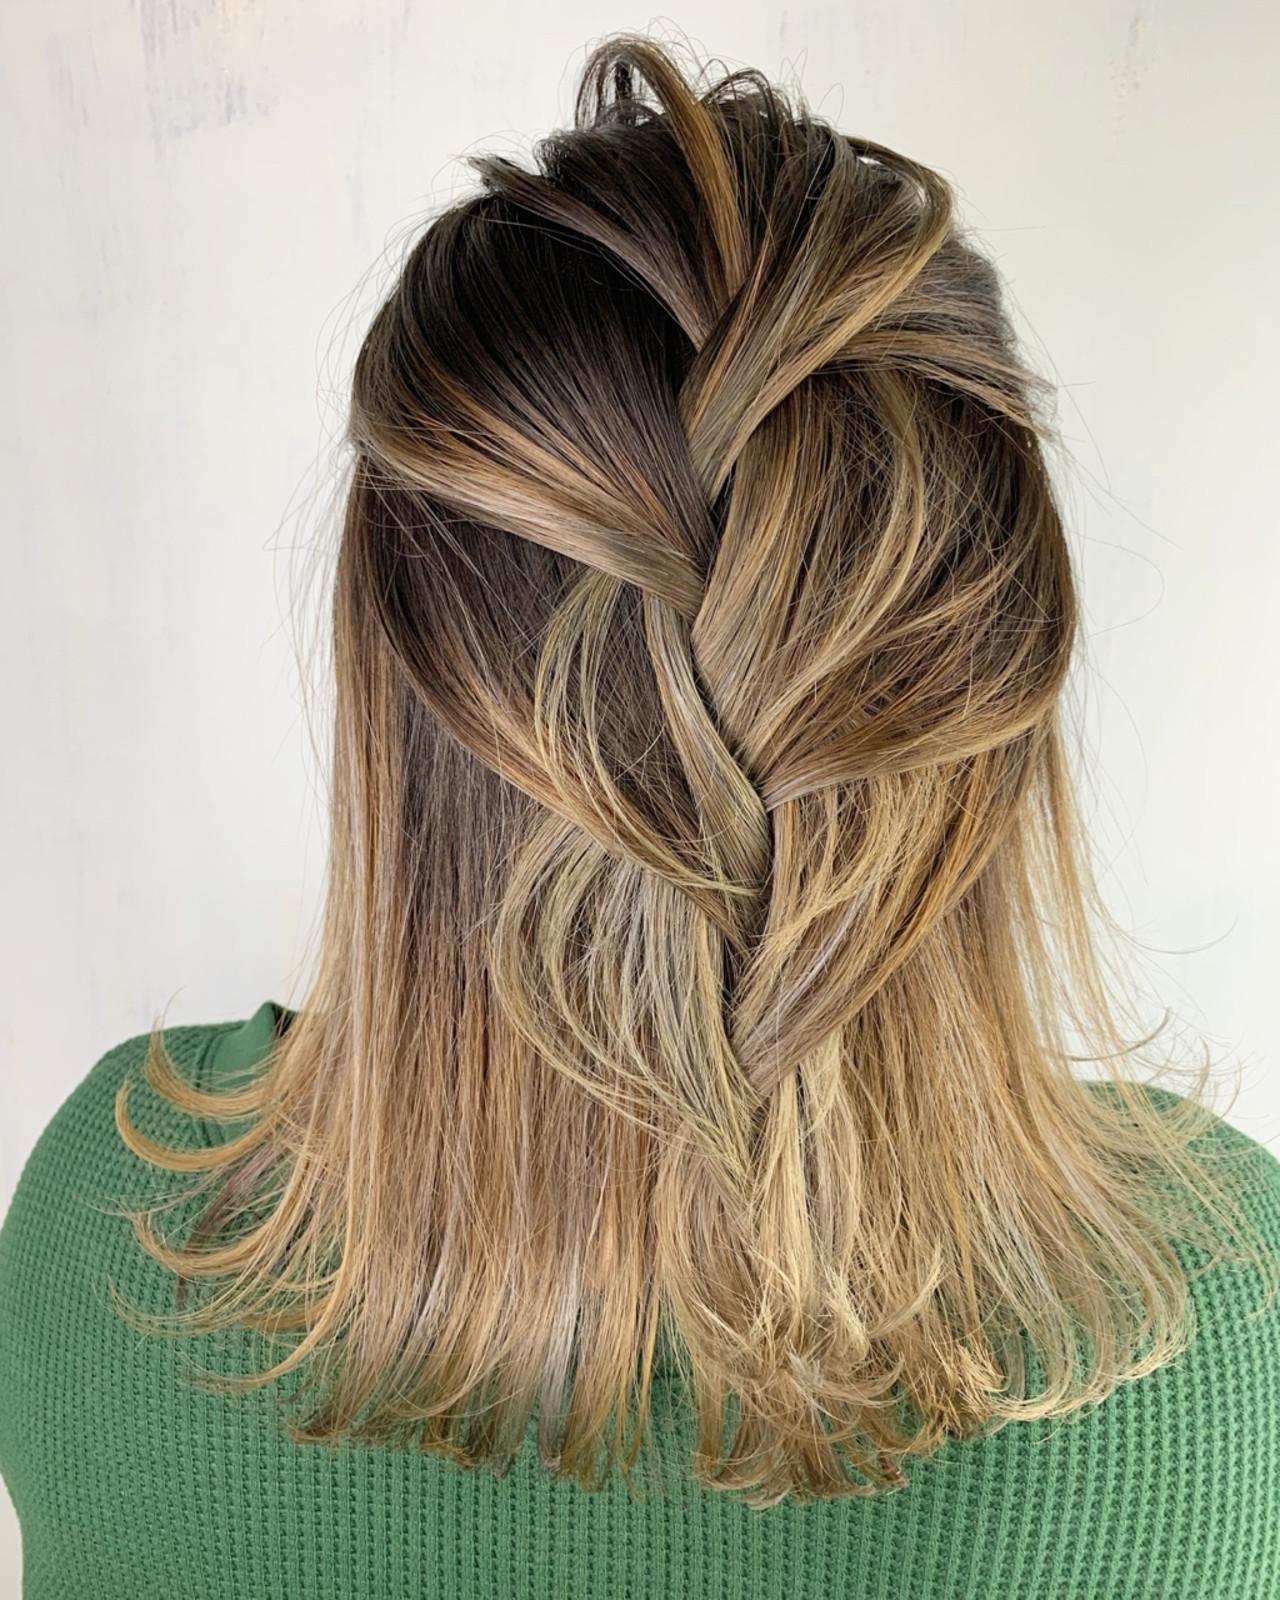 ヘアアレンジ 簡単ヘアアレンジ バレイヤージュ ミディアム ヘアスタイルや髪型の写真・画像